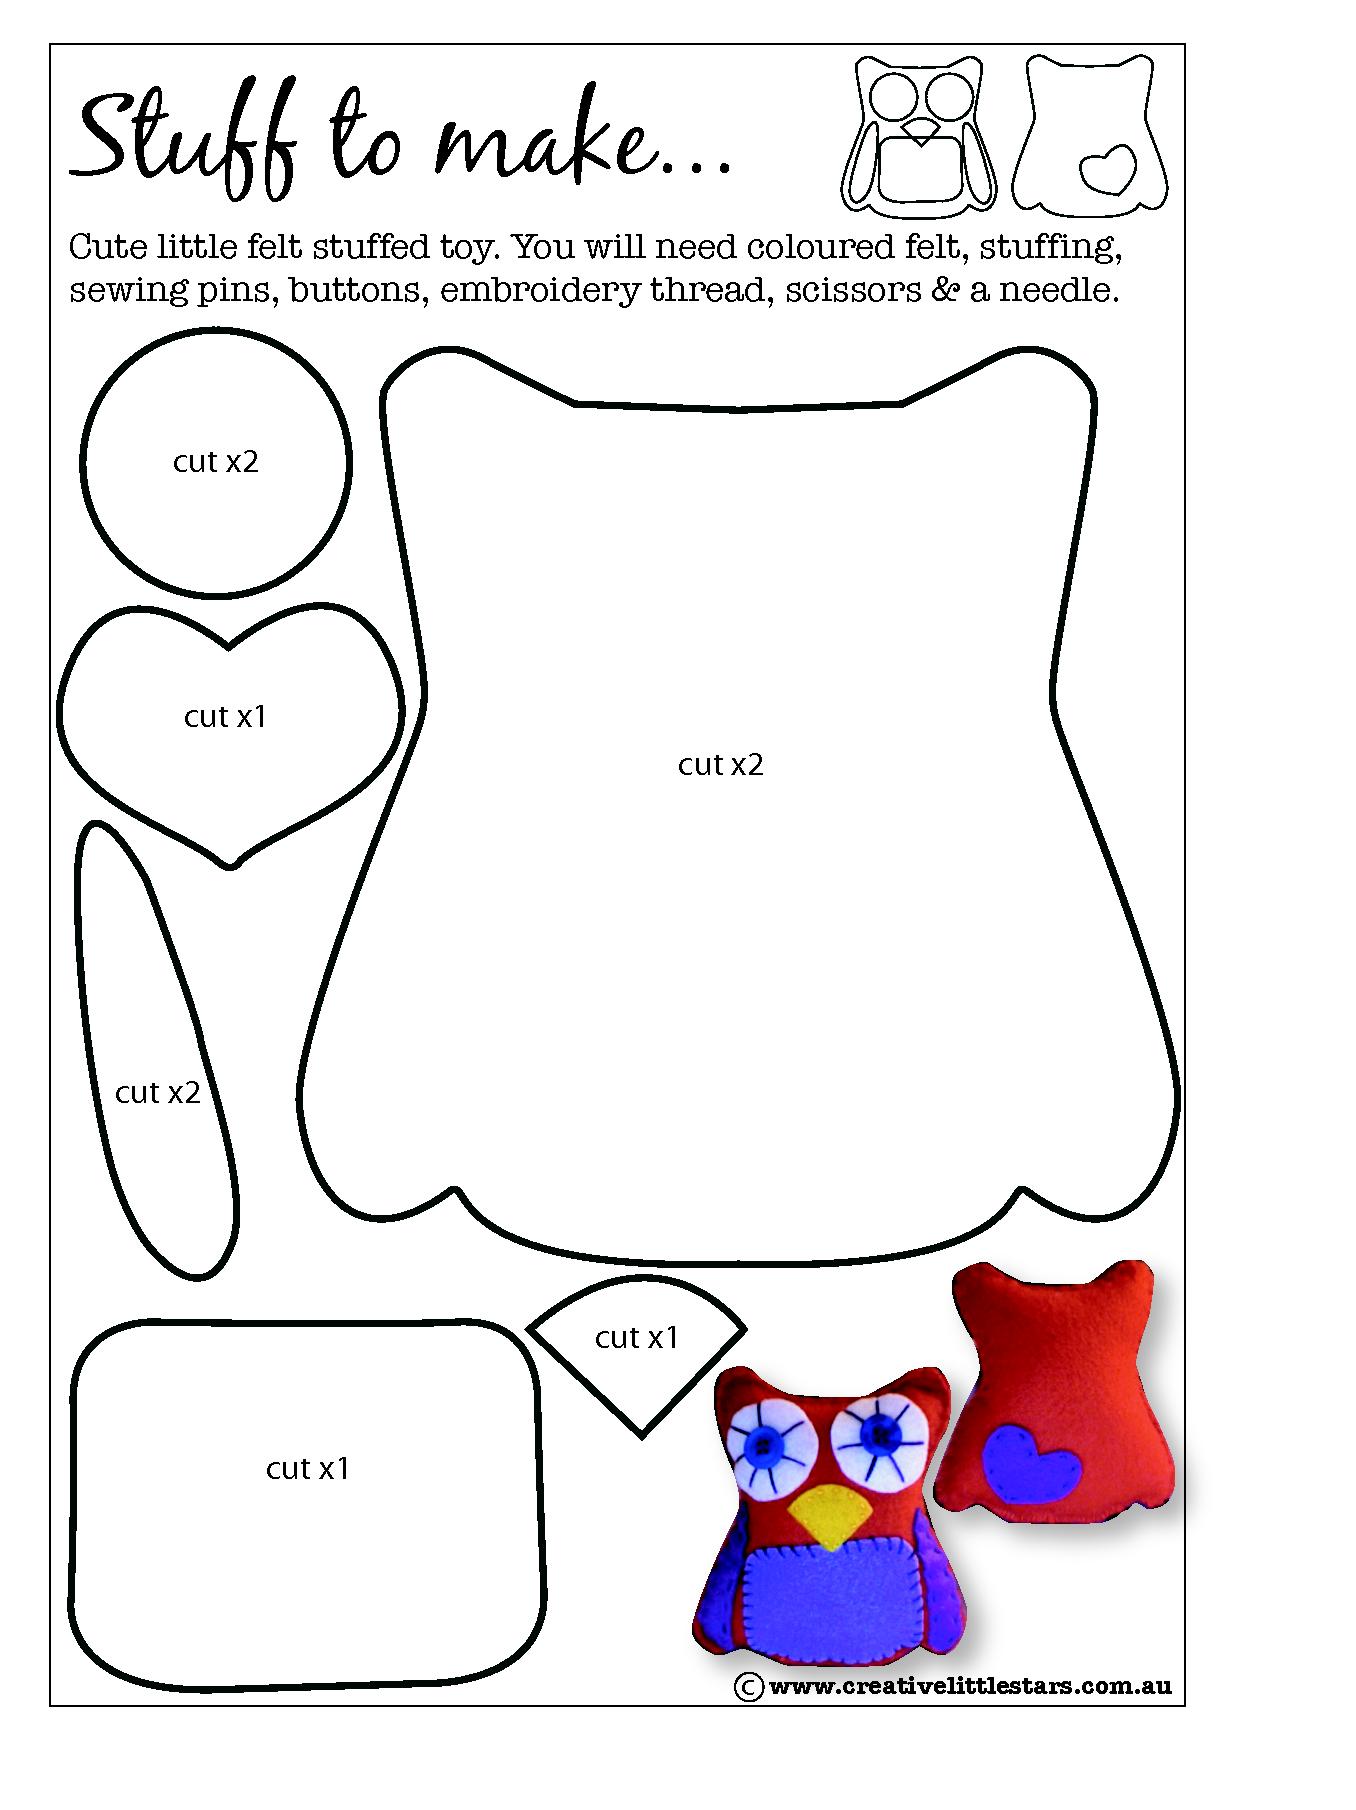 Campo di Applicazione del Modello di Lavoro   owl   Pinterest ...